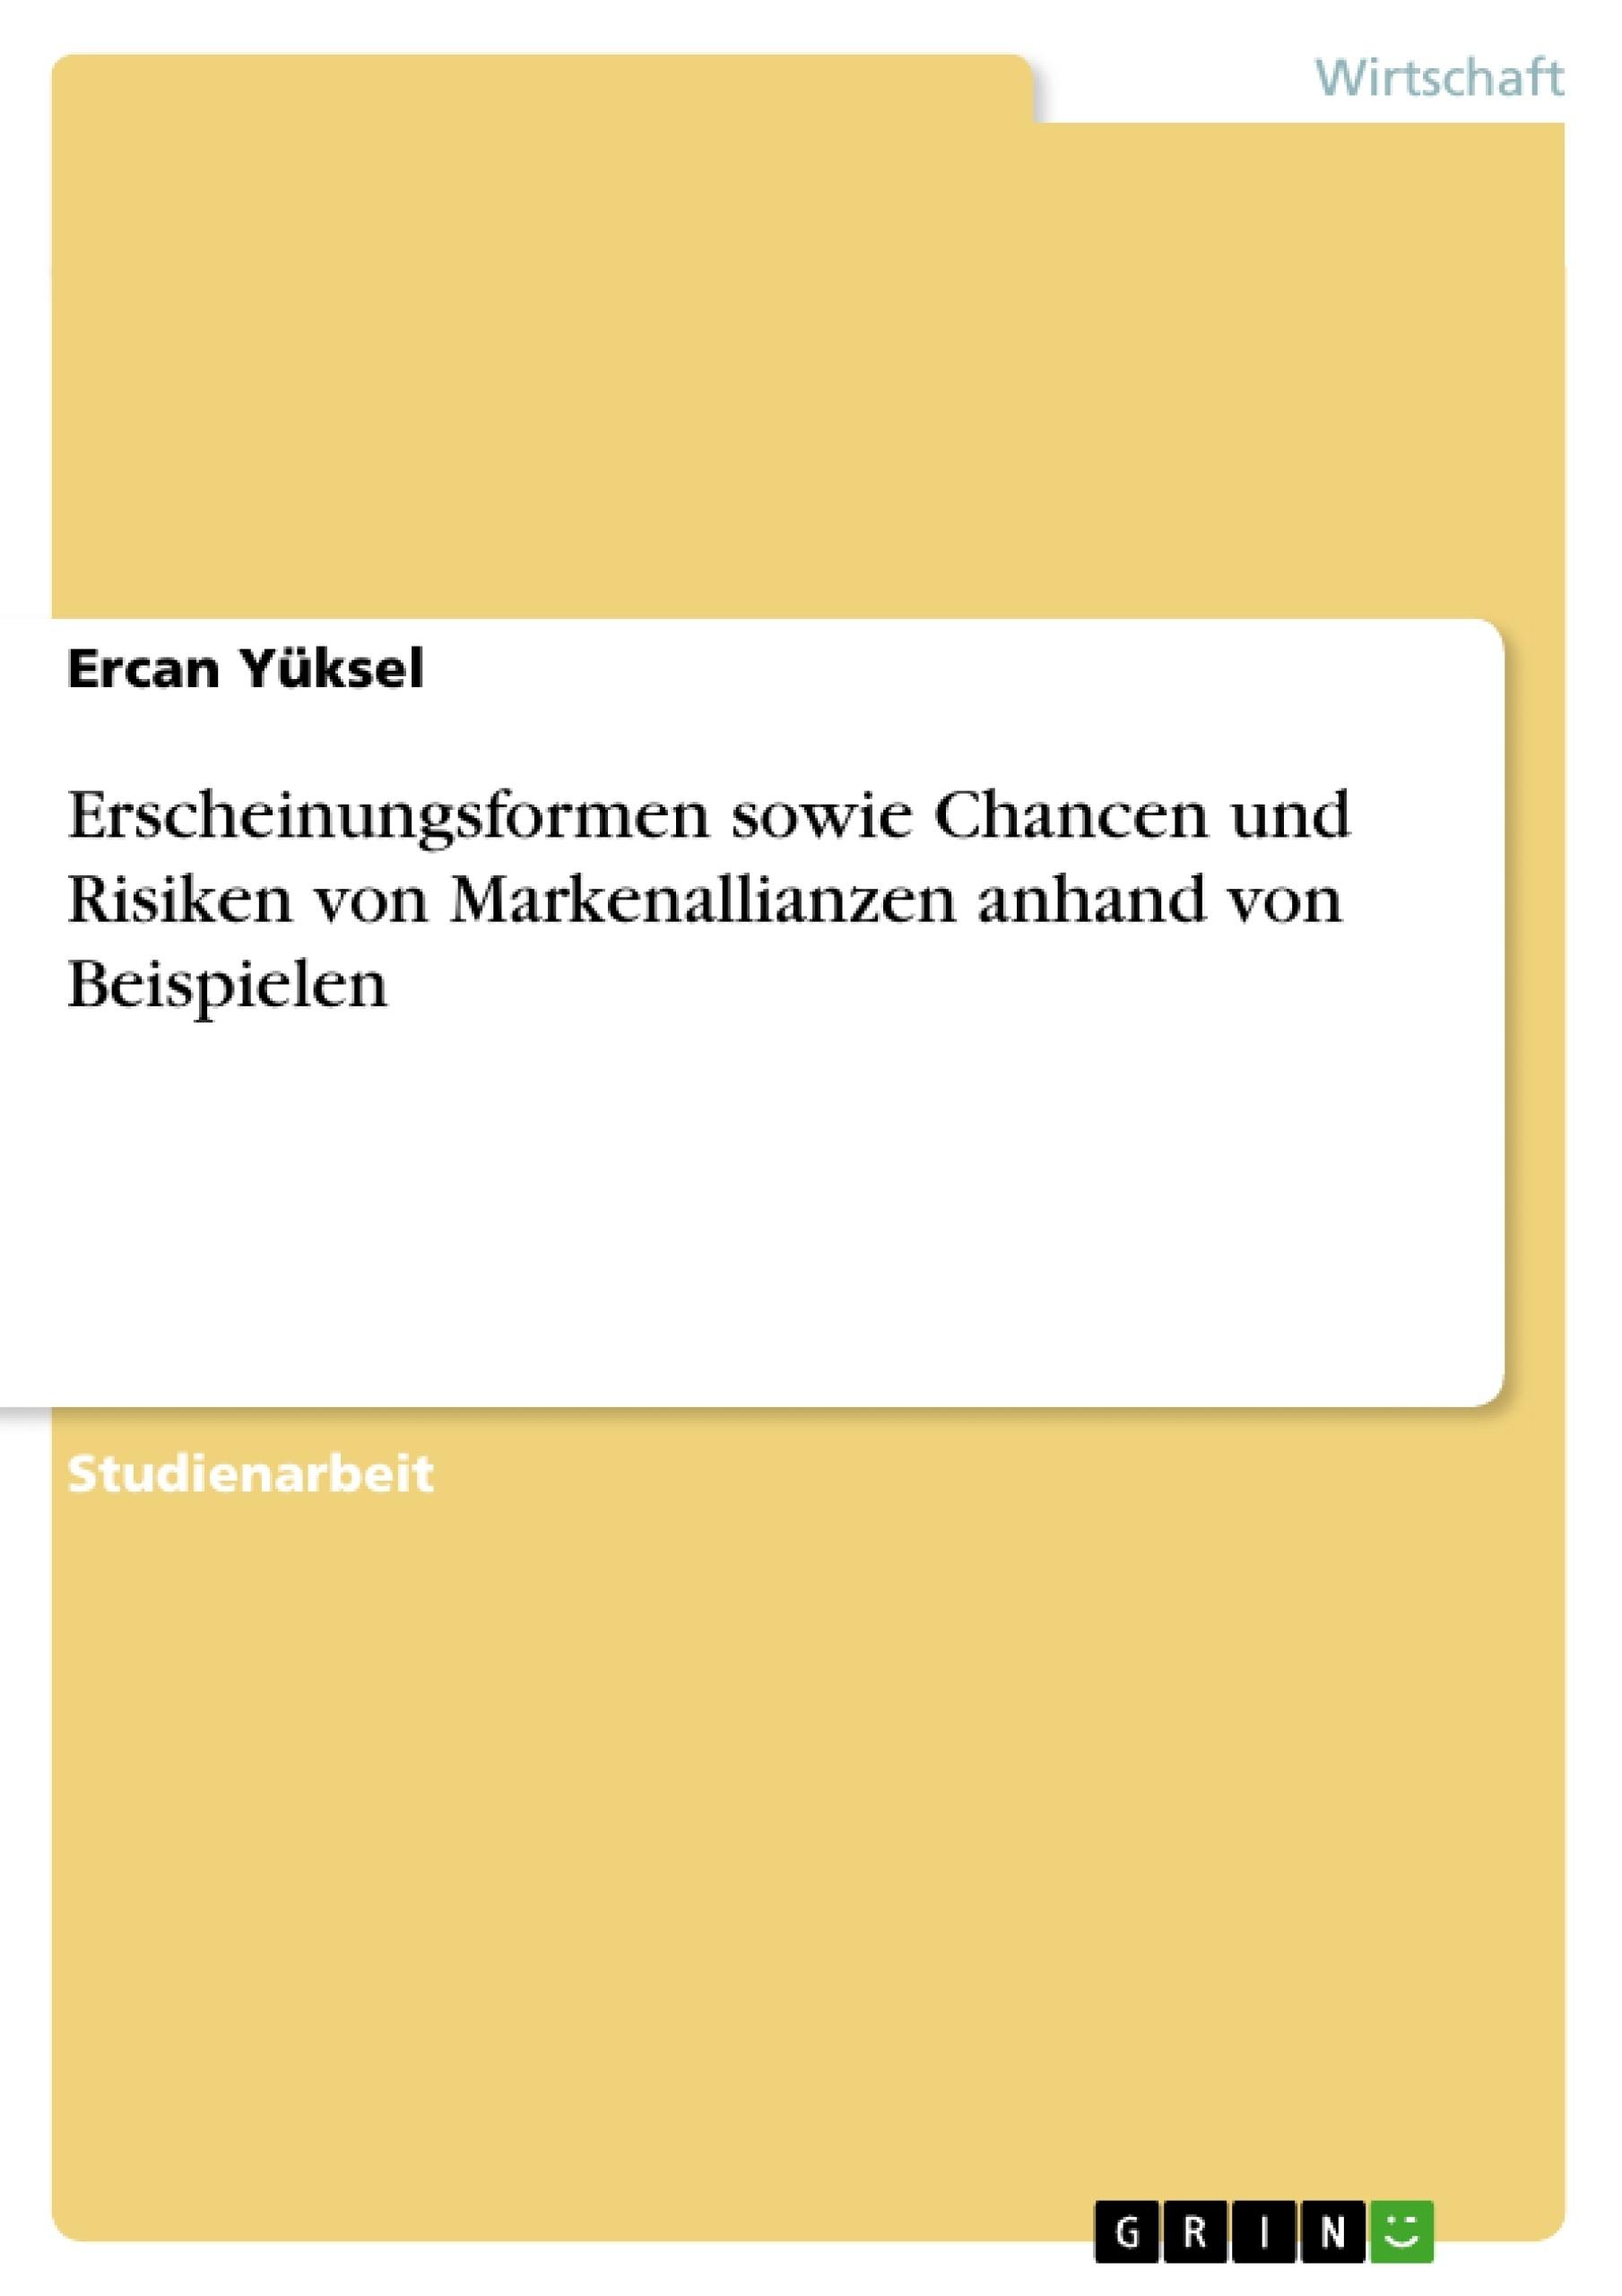 Titel: Erscheinungsformen sowie Chancen und Risiken von Markenallianzen anhand von Beispielen